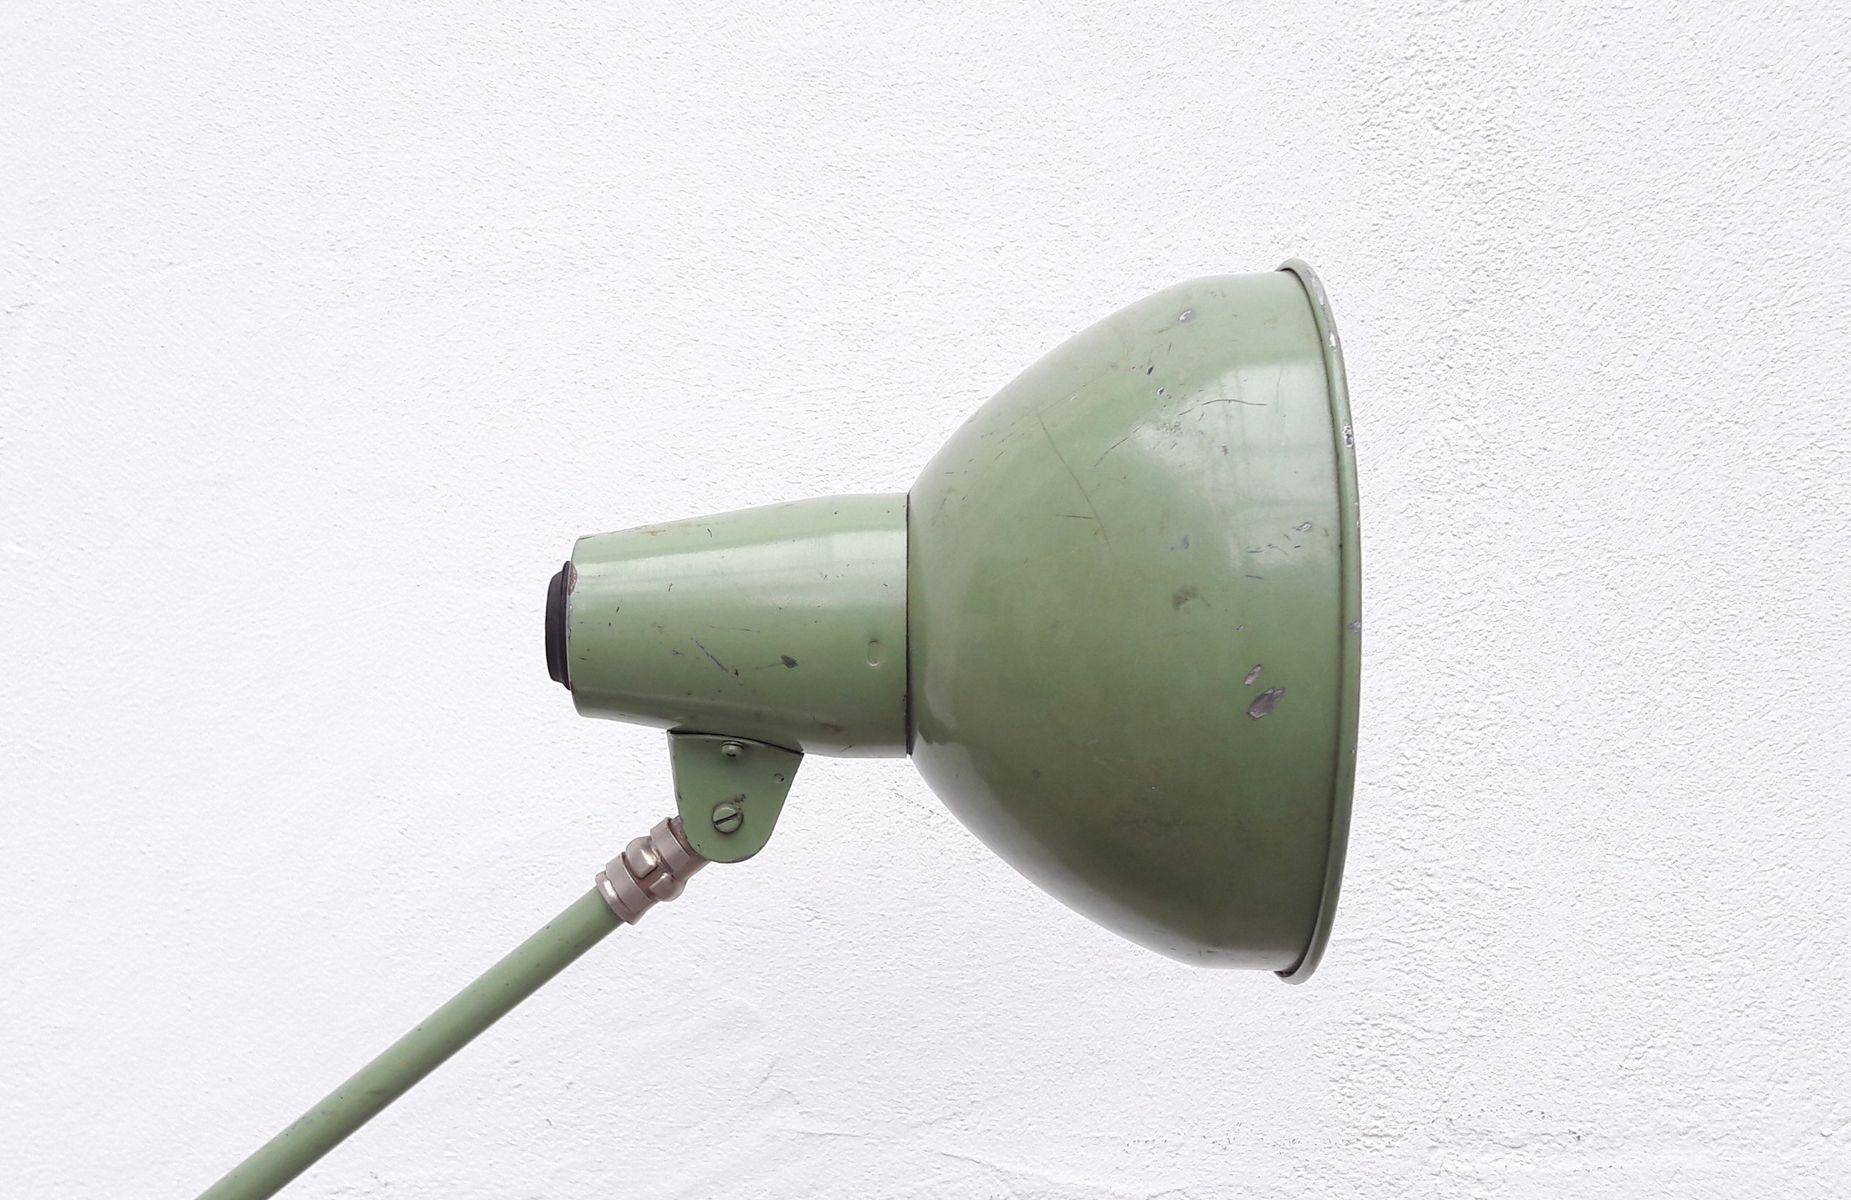 Lampe de bureau d 39 atelier vintage industrielle verte en vente sur pamono - Lampe bureau industrielle ...